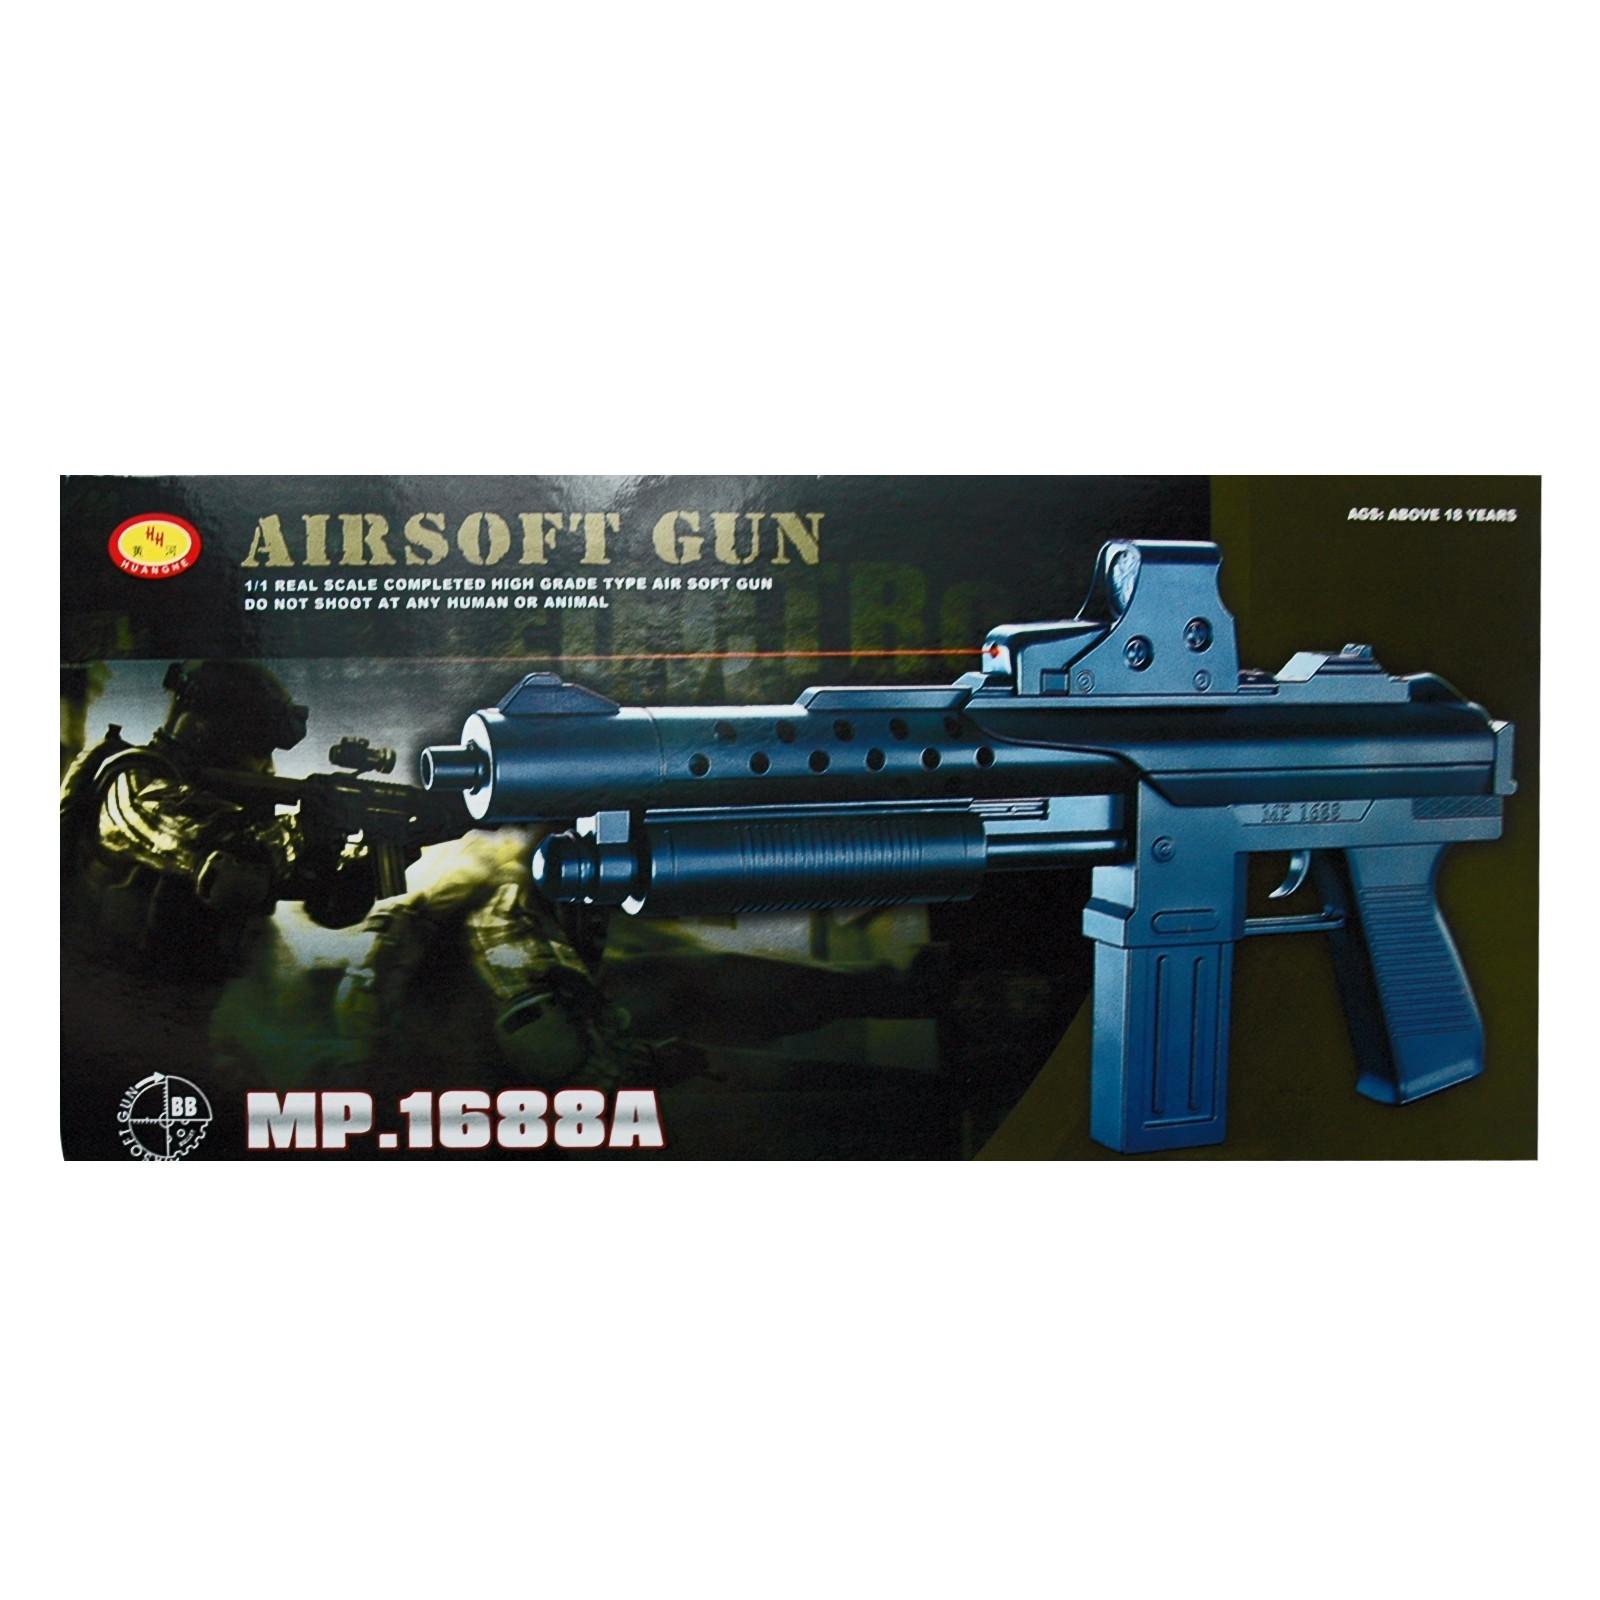 Airsoft MP, Softair Maschinenpistole/ Pumpgun, 40cm, Reichweite 45 Meter